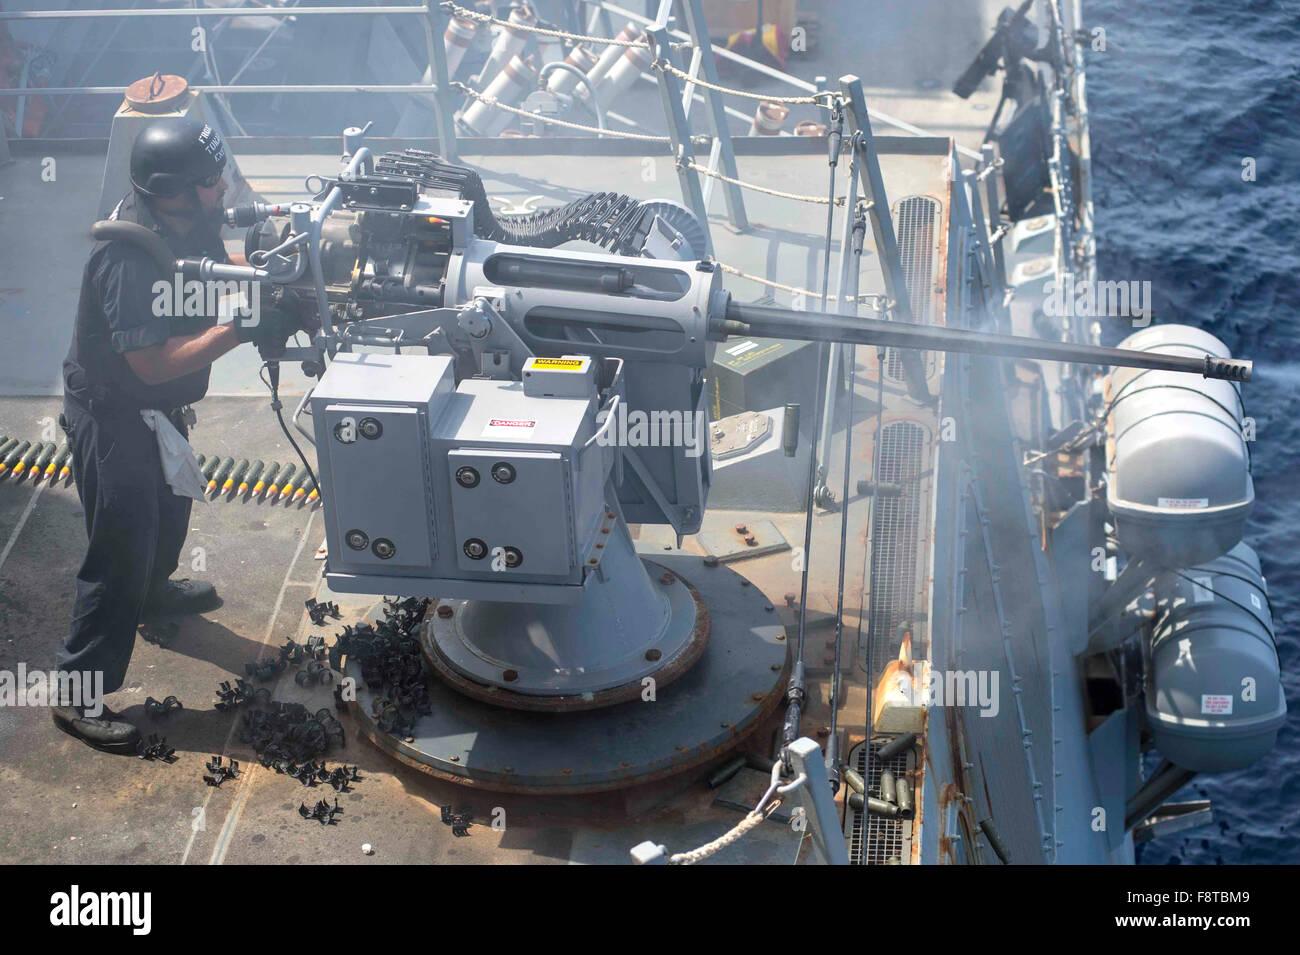 Noticias Y Generalidades - Página 5 El-gunners-mate-de-primera-clase-desencadena-un-mk-38-25mm-pistola-cadena-durante-un-ejercicio-de-fuego-vivo-a-bordo-del-destructor-de-misiles-guiados-uss-farragut-ddg-99-f8tbm9